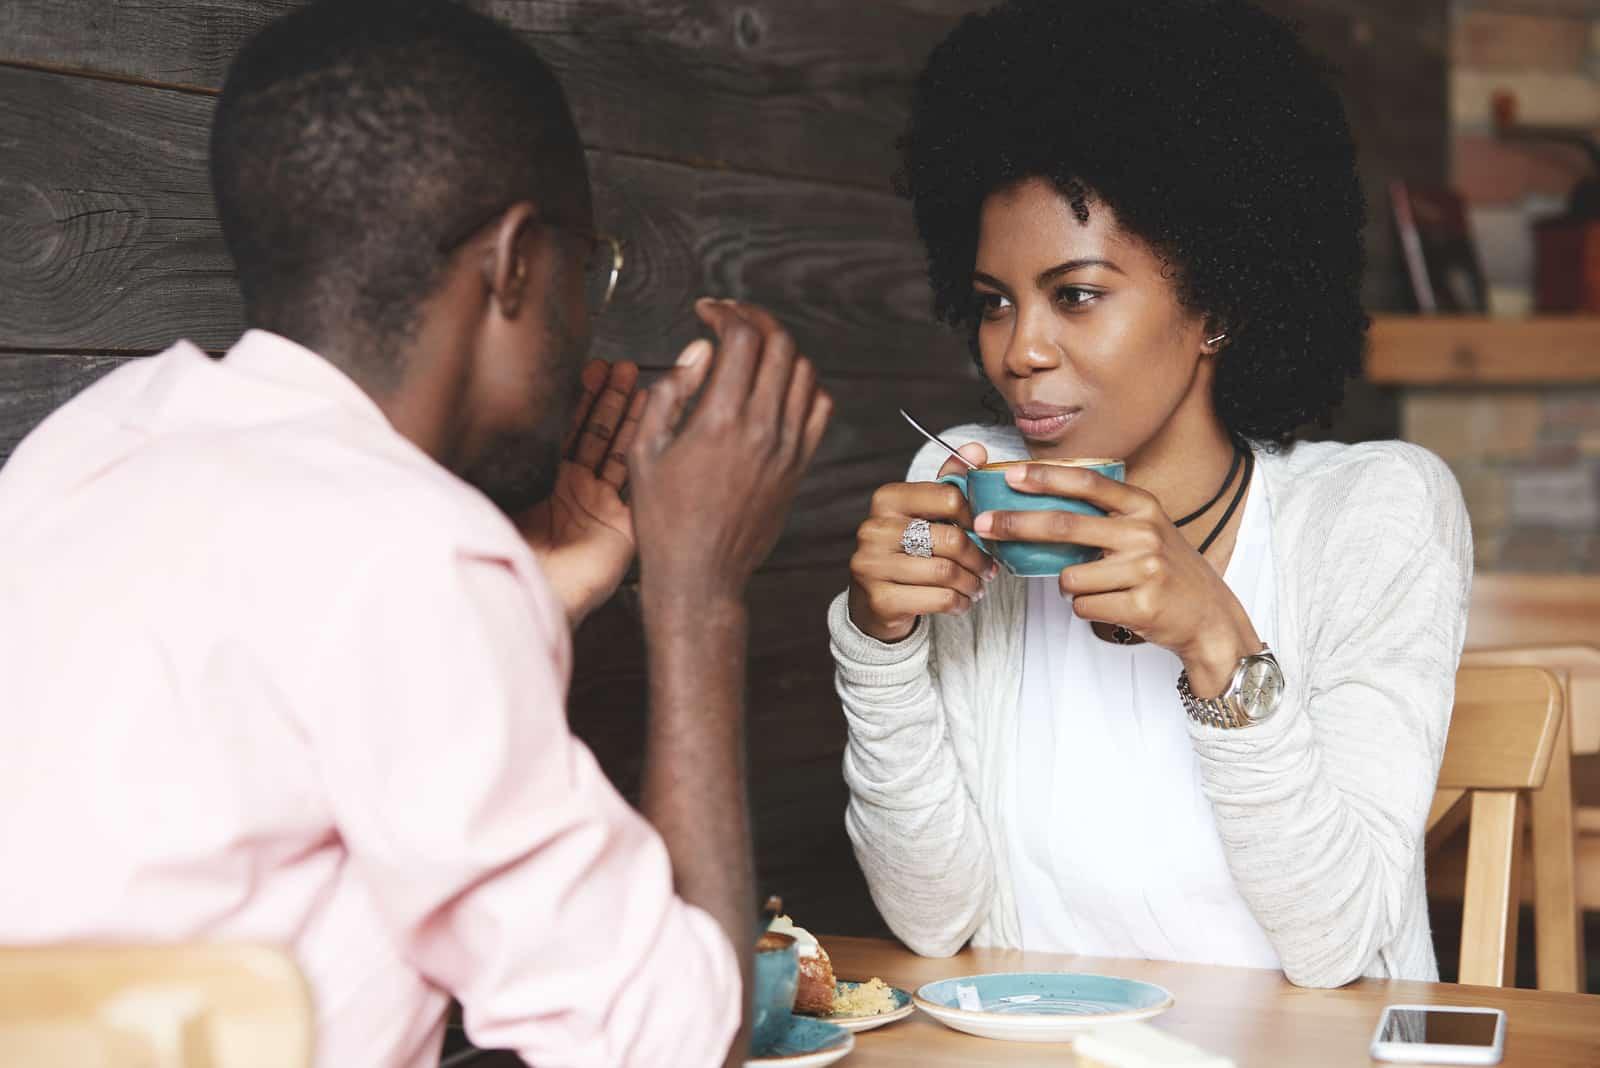 Frau, die eine Tasse Kaffee hält, zuhört und ihren Freund ansieht